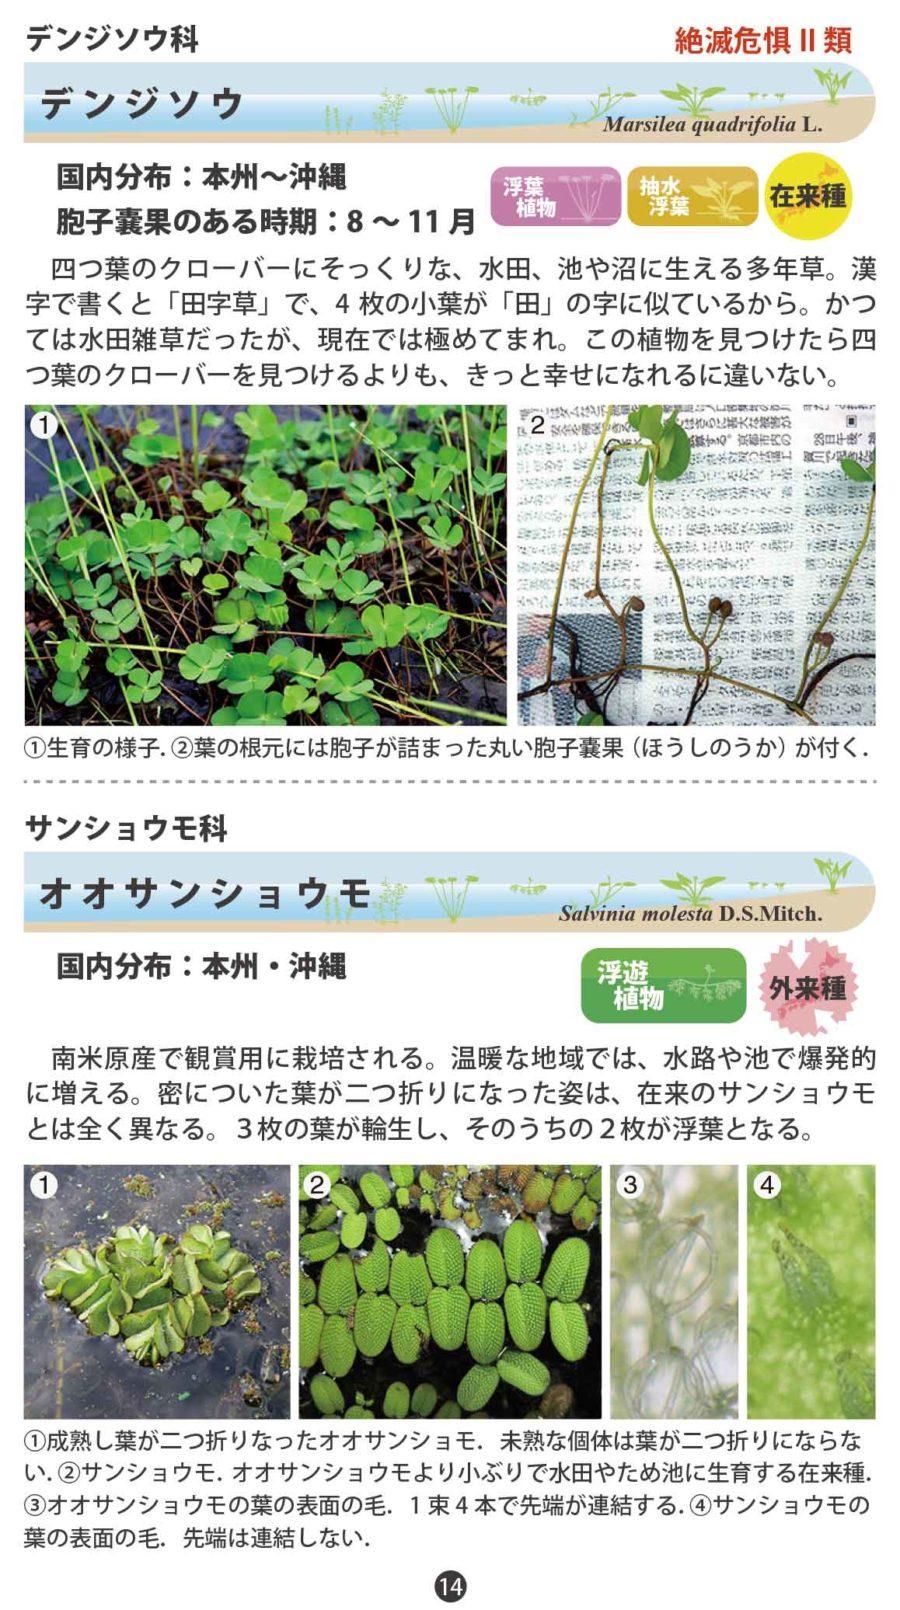 水草ハンドブック(14-25ページ)分割高画質版